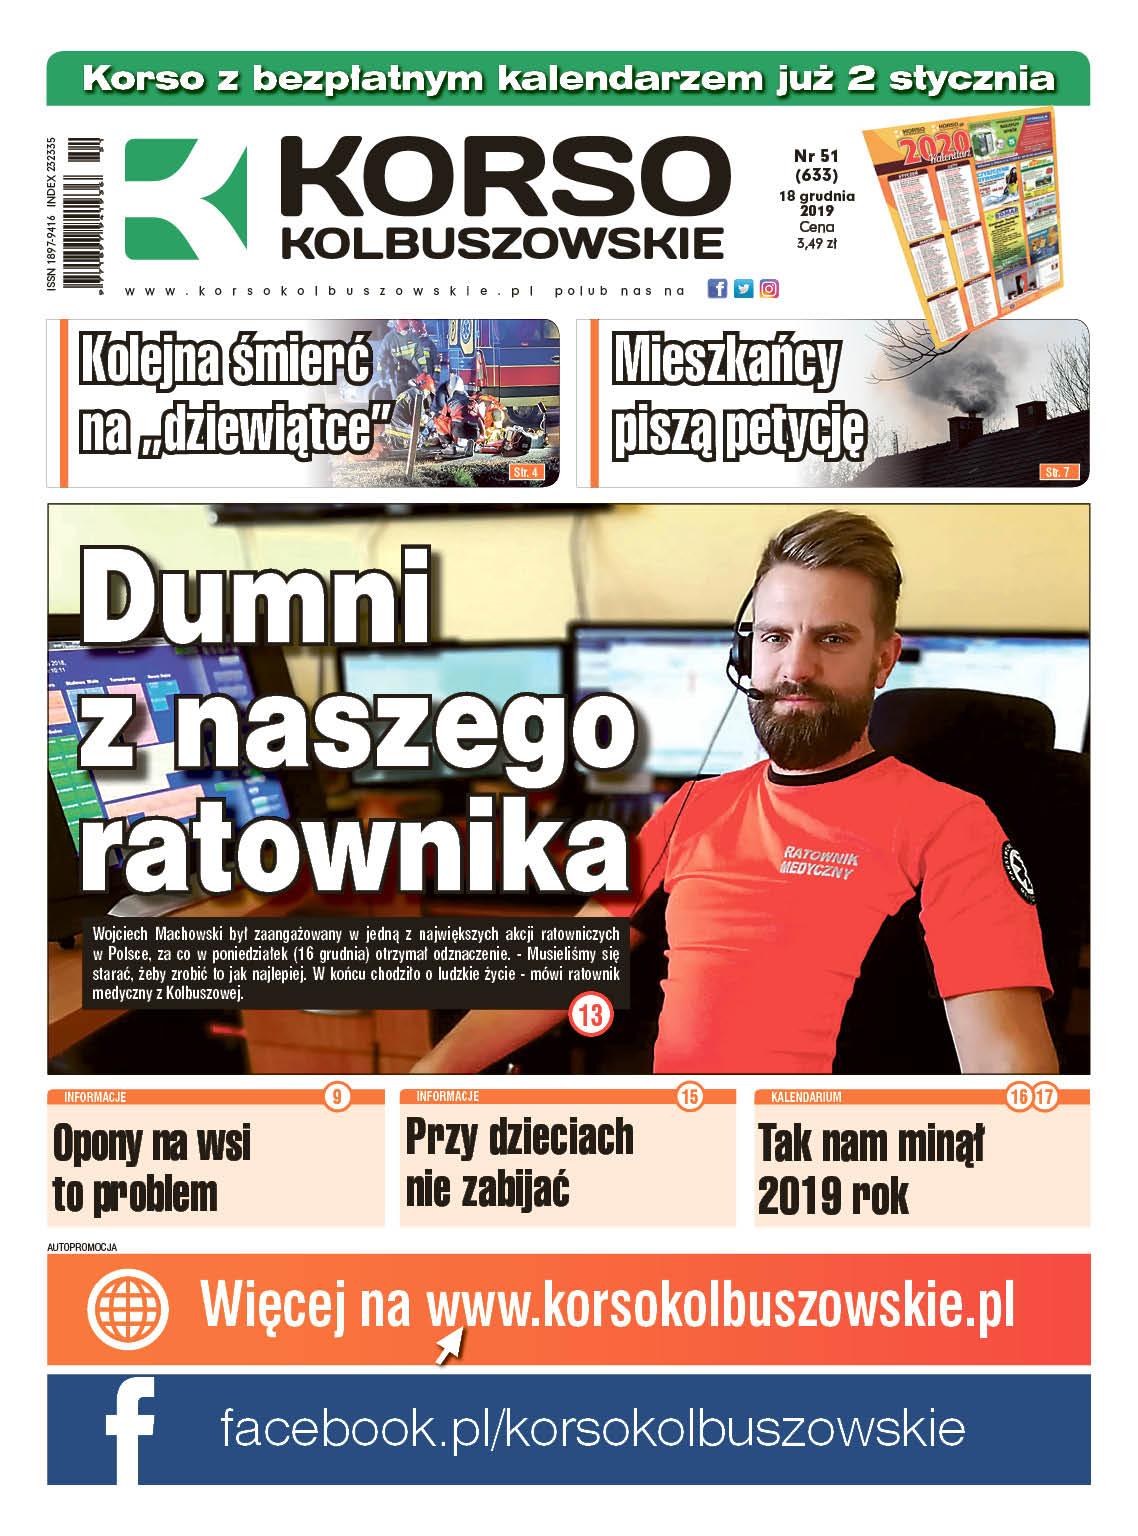 Korso Kolbuszowskie - nr 51/2019 - Zdjęcie główne